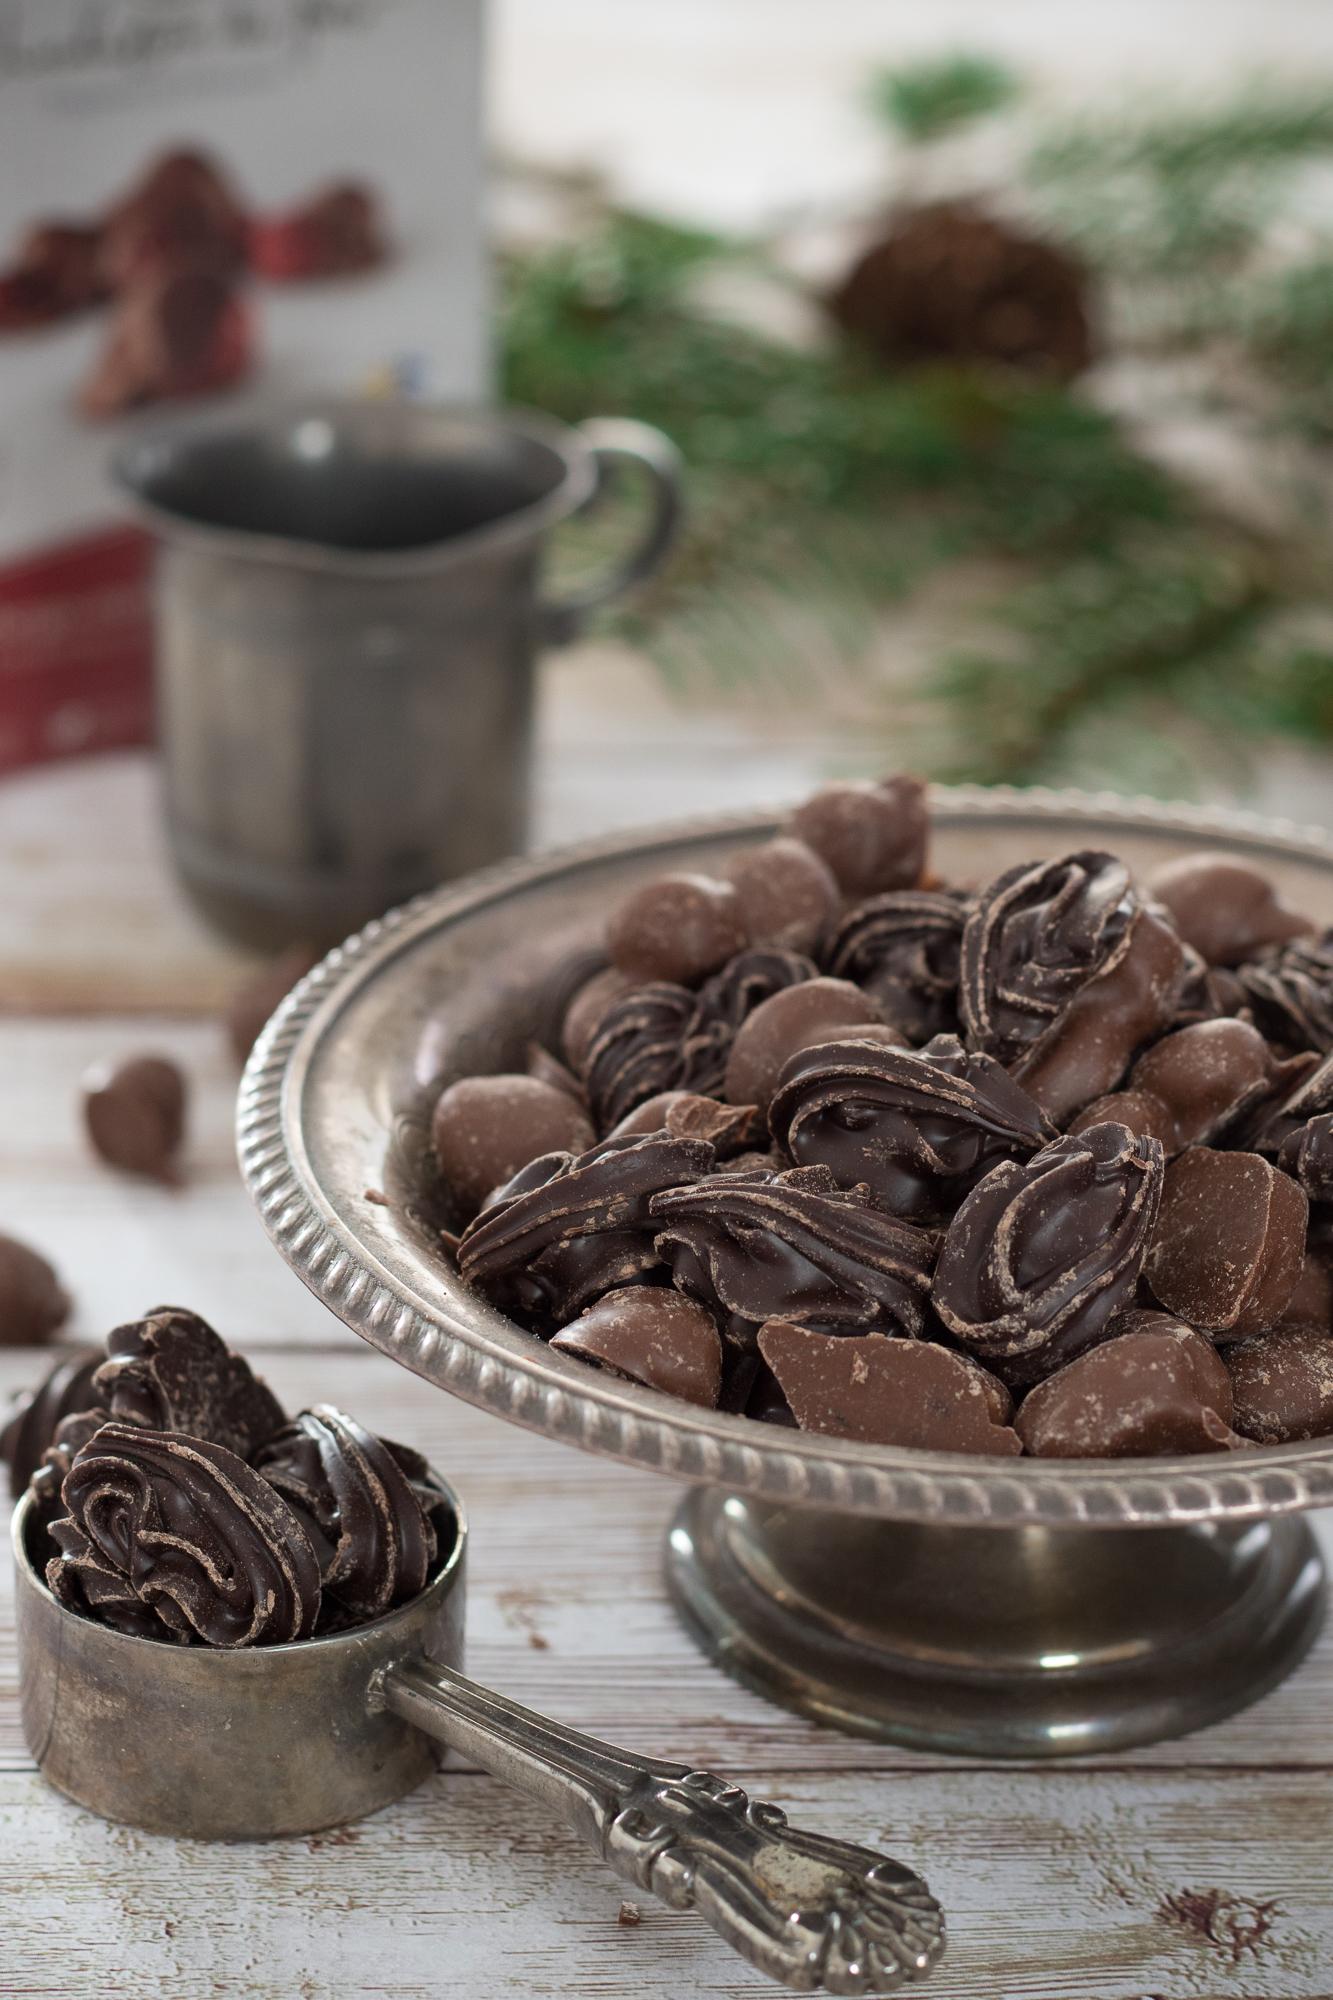 Les délicieux chocolats des Pères-Trappistes : Un régal assuré!